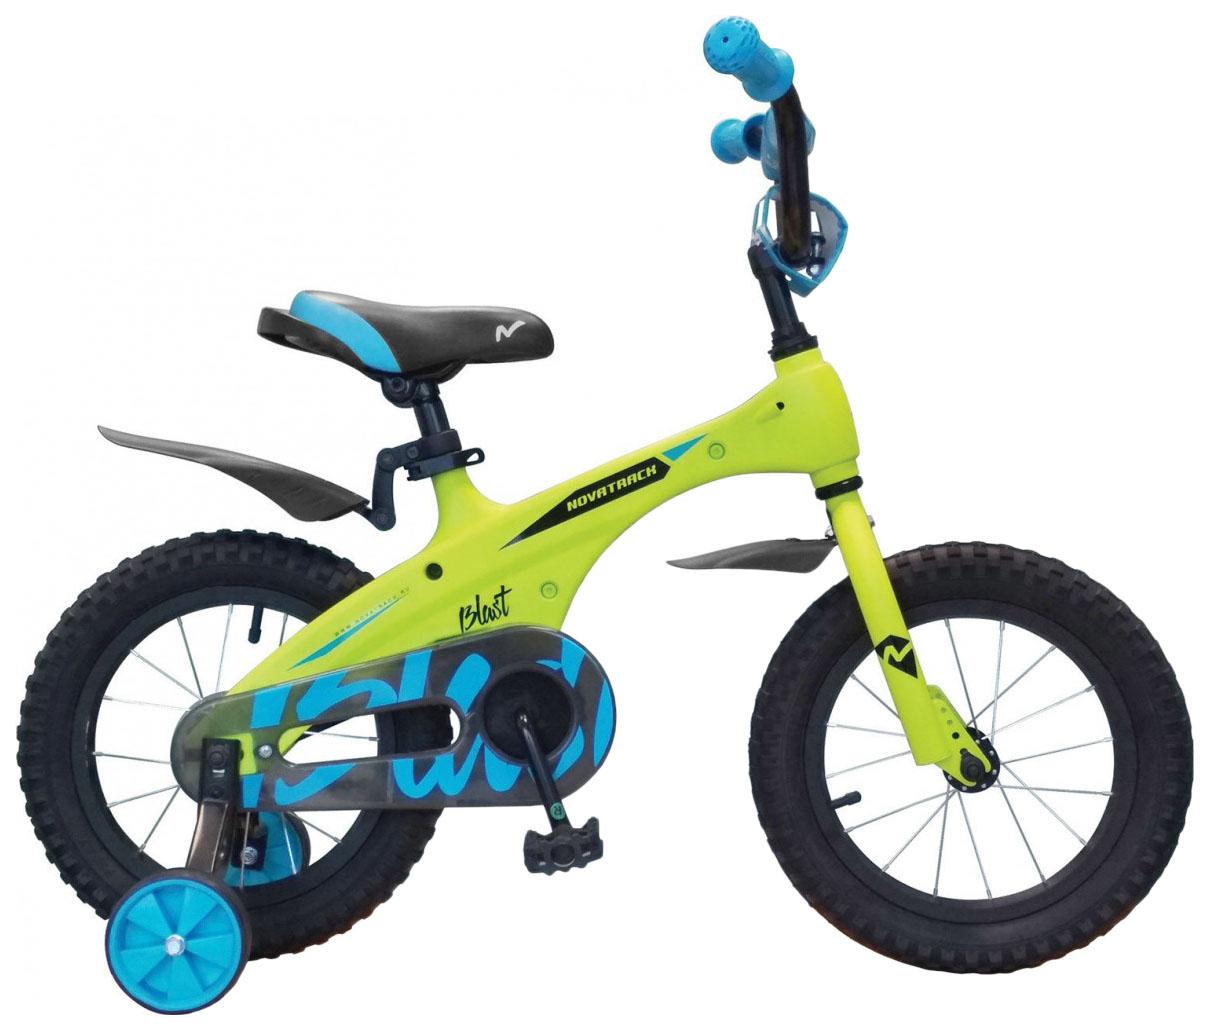 Купить Велосипед Novatrack 14 Blast магний-алюминиевая рама Зеленый неон,